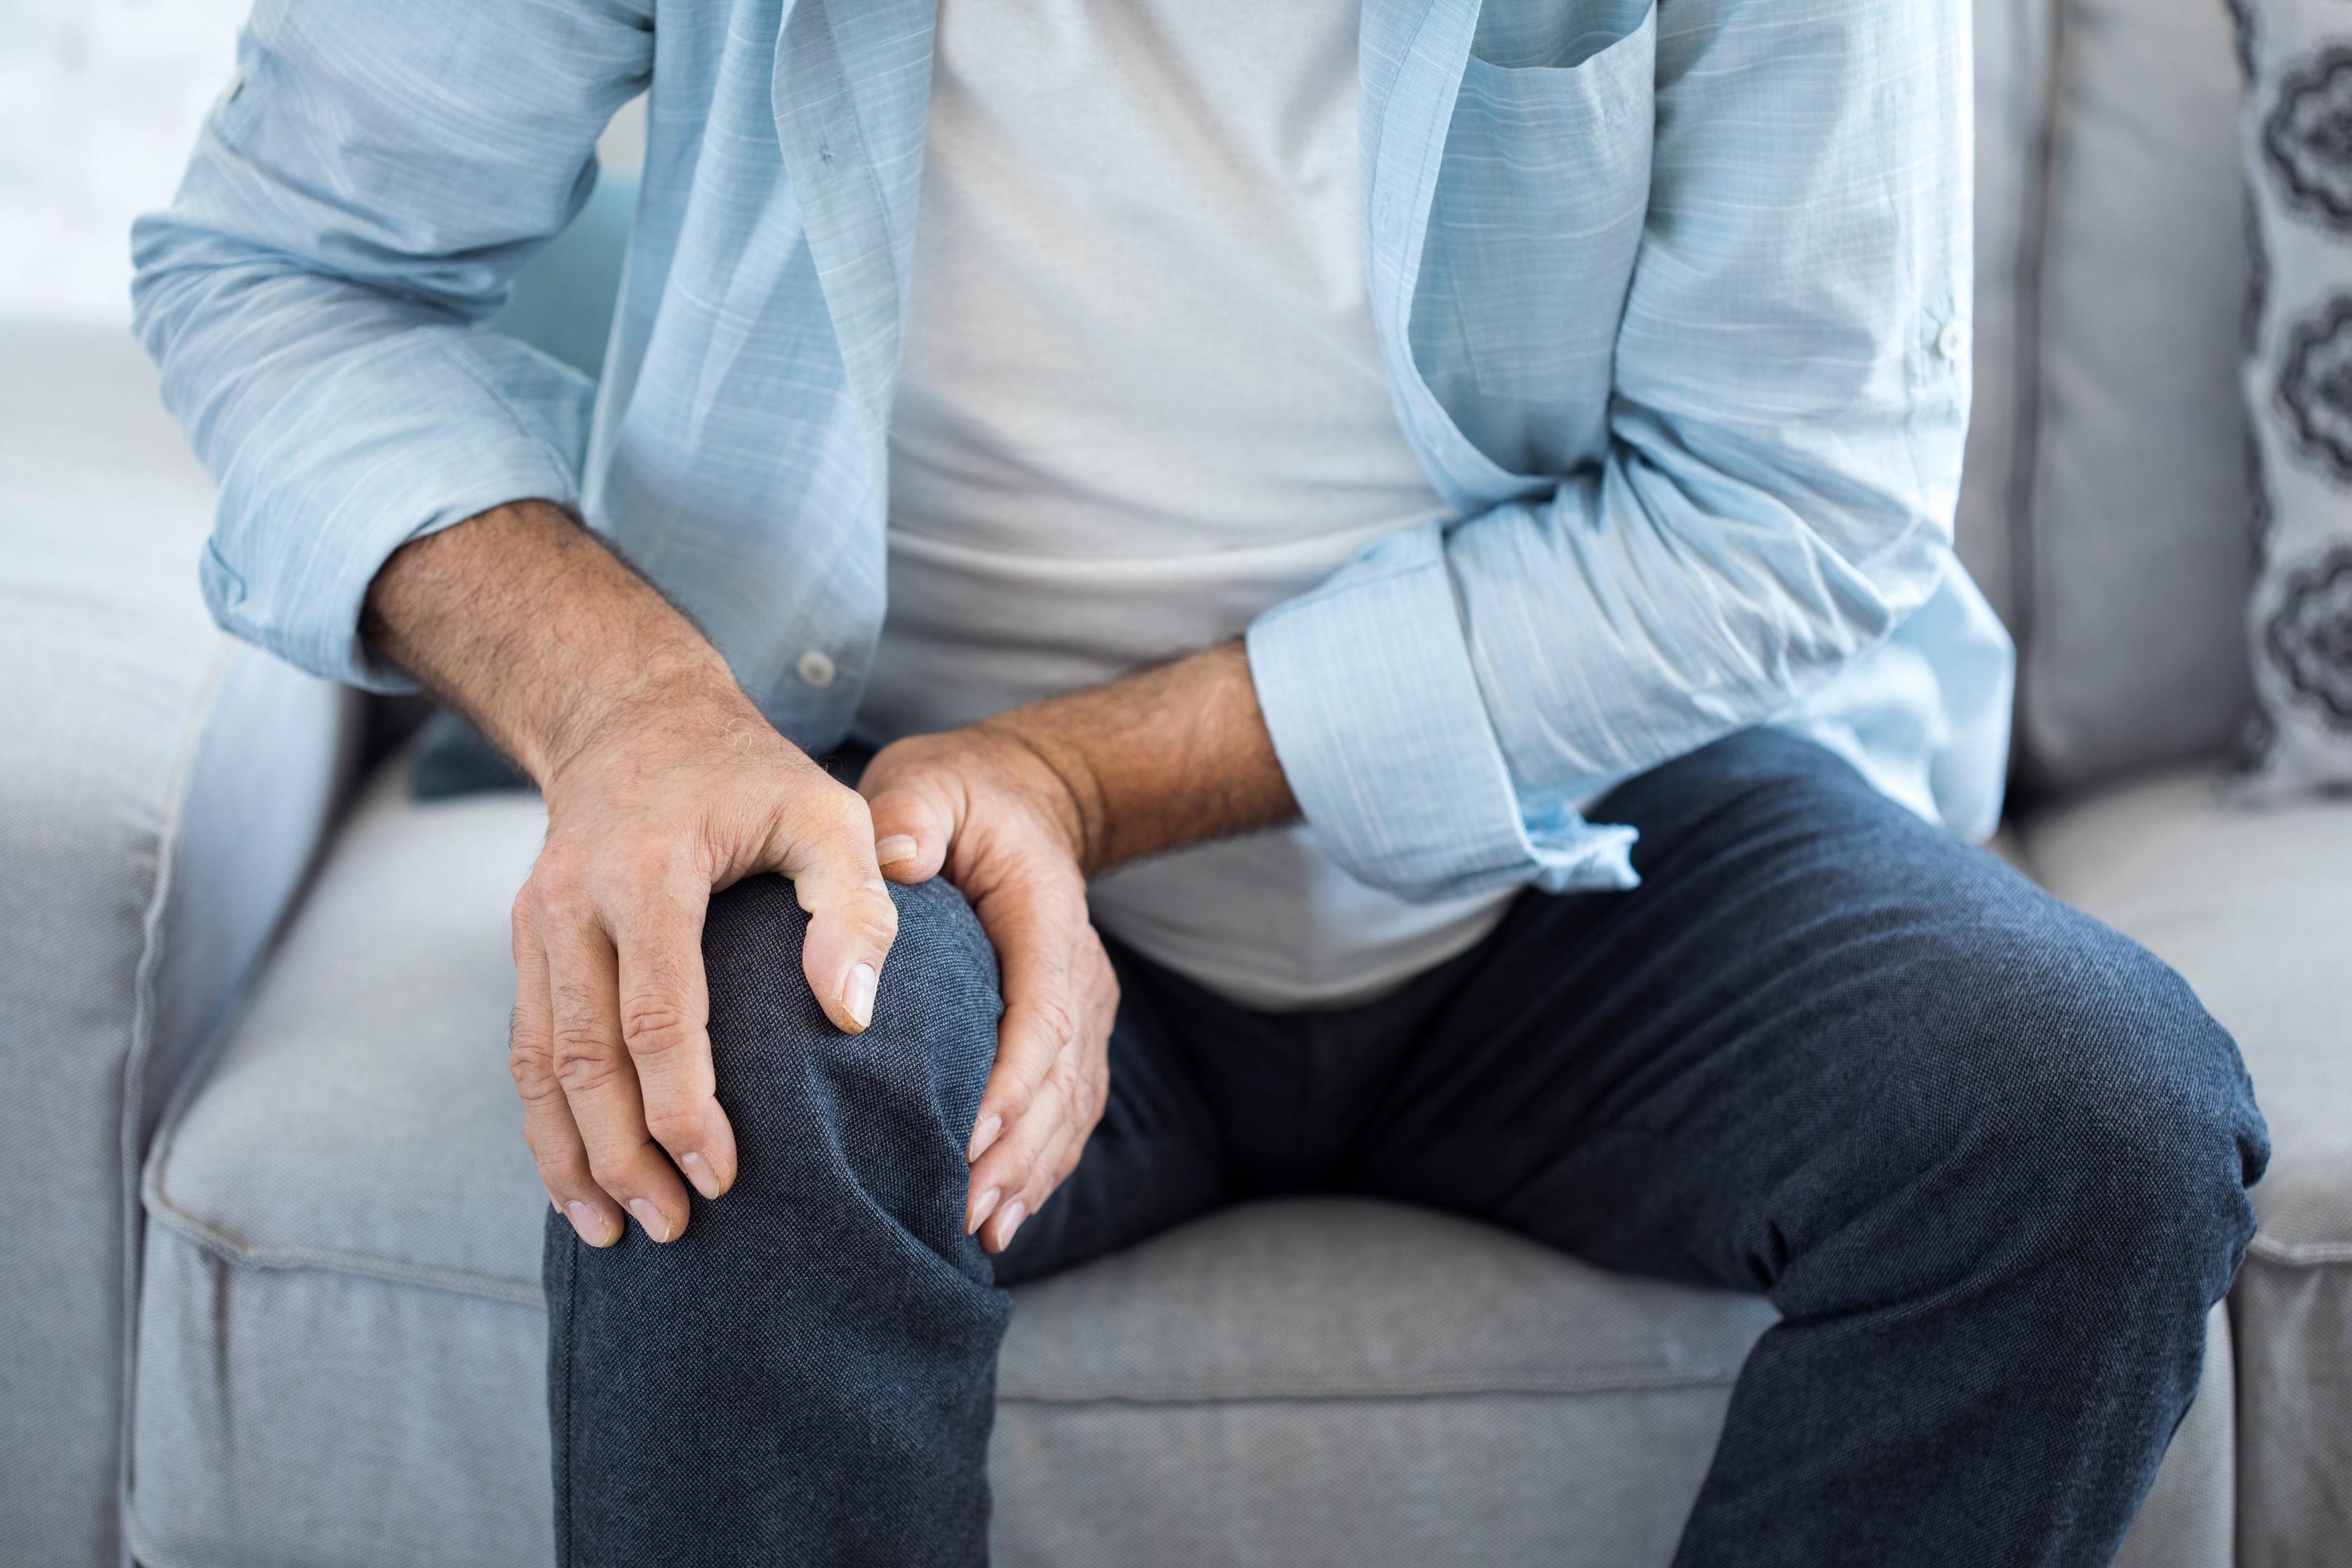 könyök fájdalomcsillapító kezelés a jobb oldali ízületek fájnak